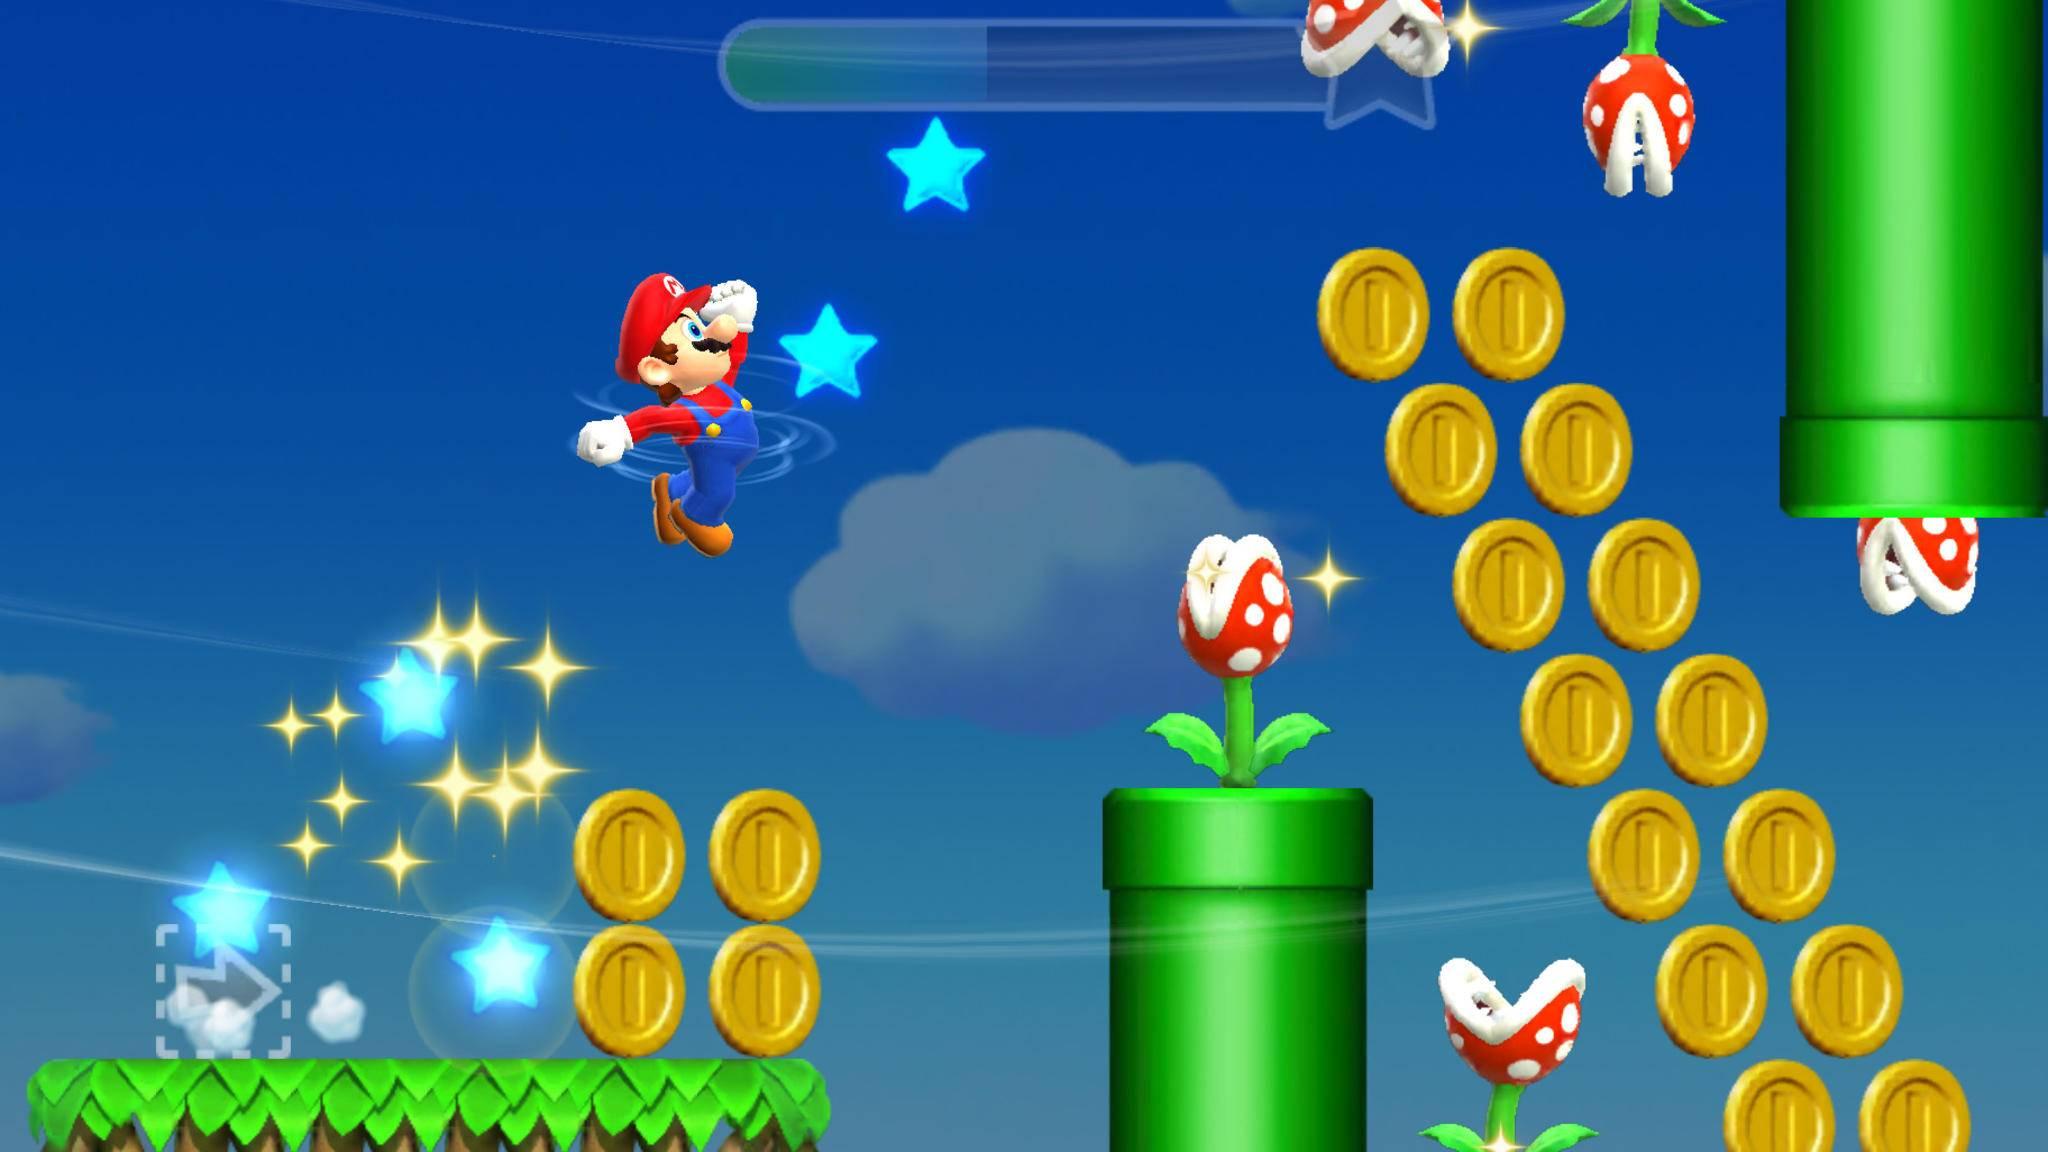 Trotz Latzhose und grüner Rohre: Mario hat seinen Klempner-Job an den Nagel gehängt.